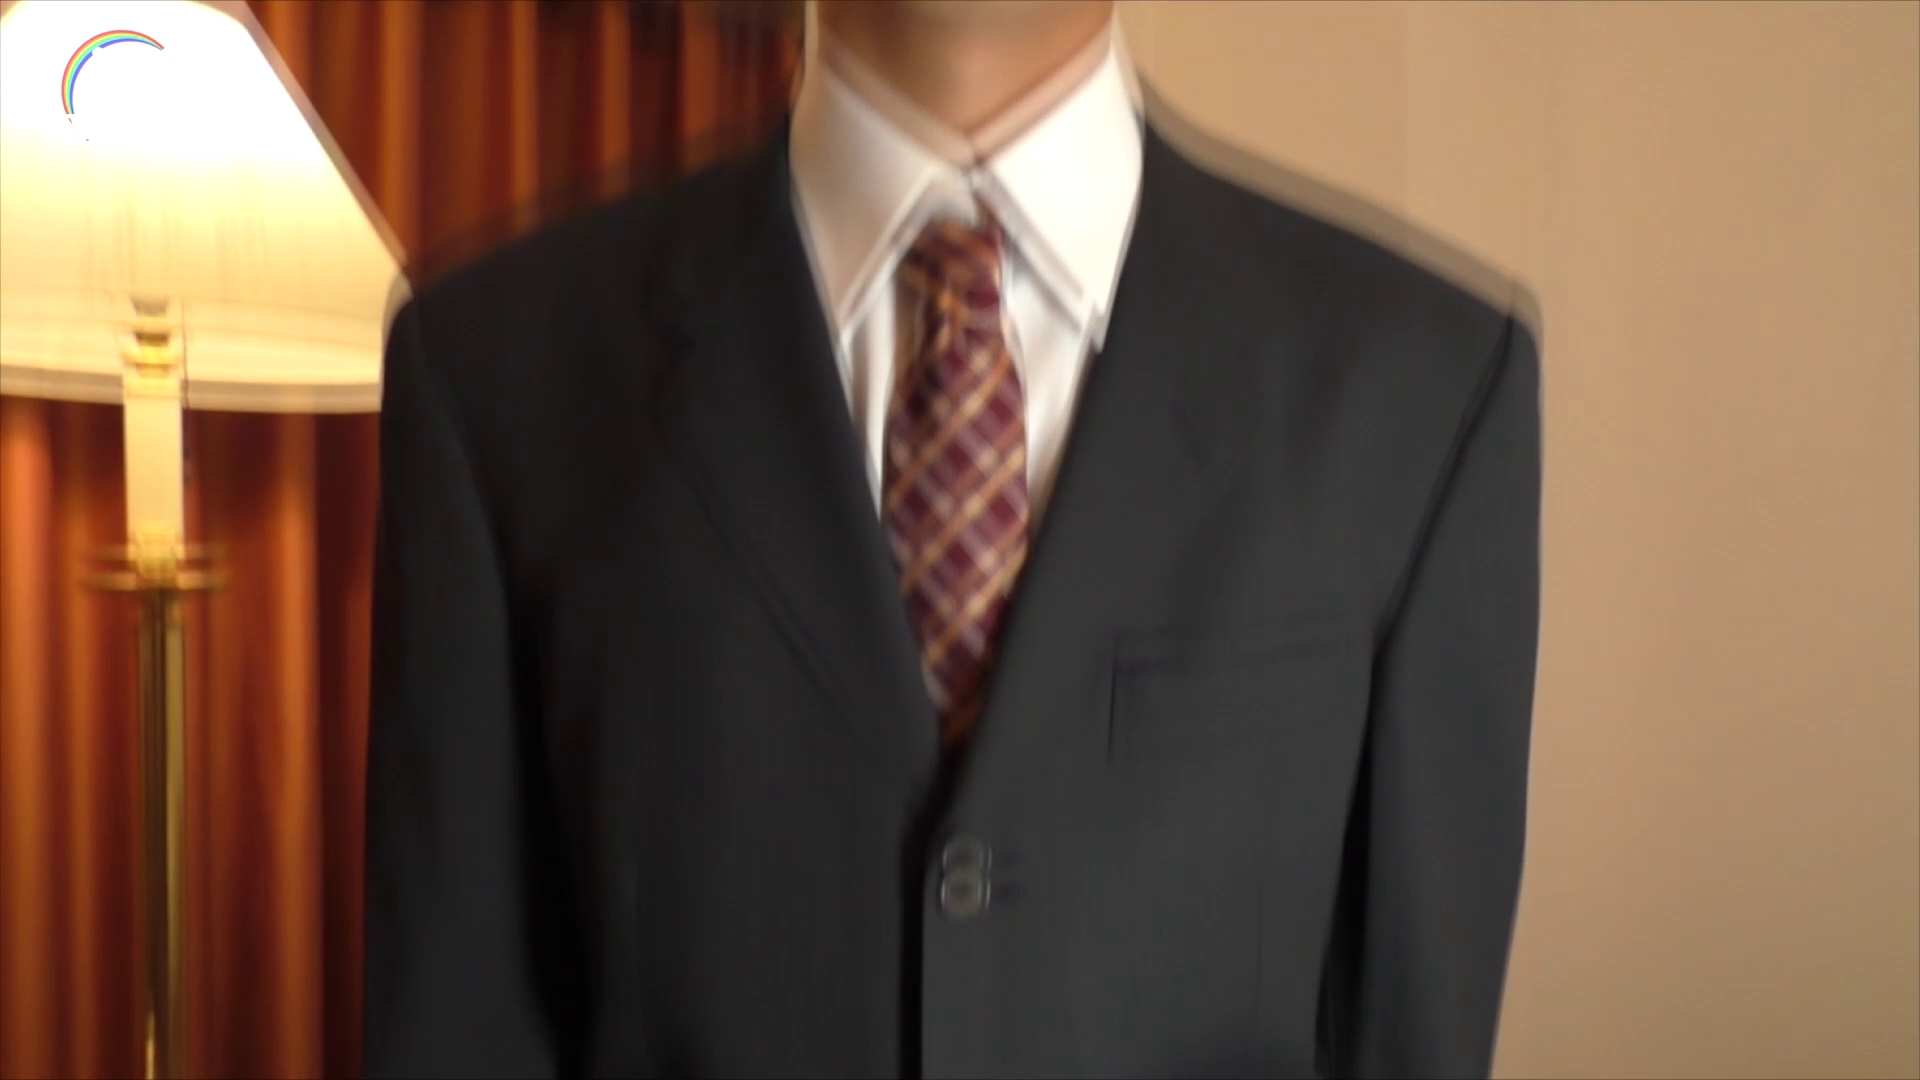 陰間BOYS~キャバクラの仕事はアナルから4 Vol.01 アナル ゲイザーメン画像 82枚 59